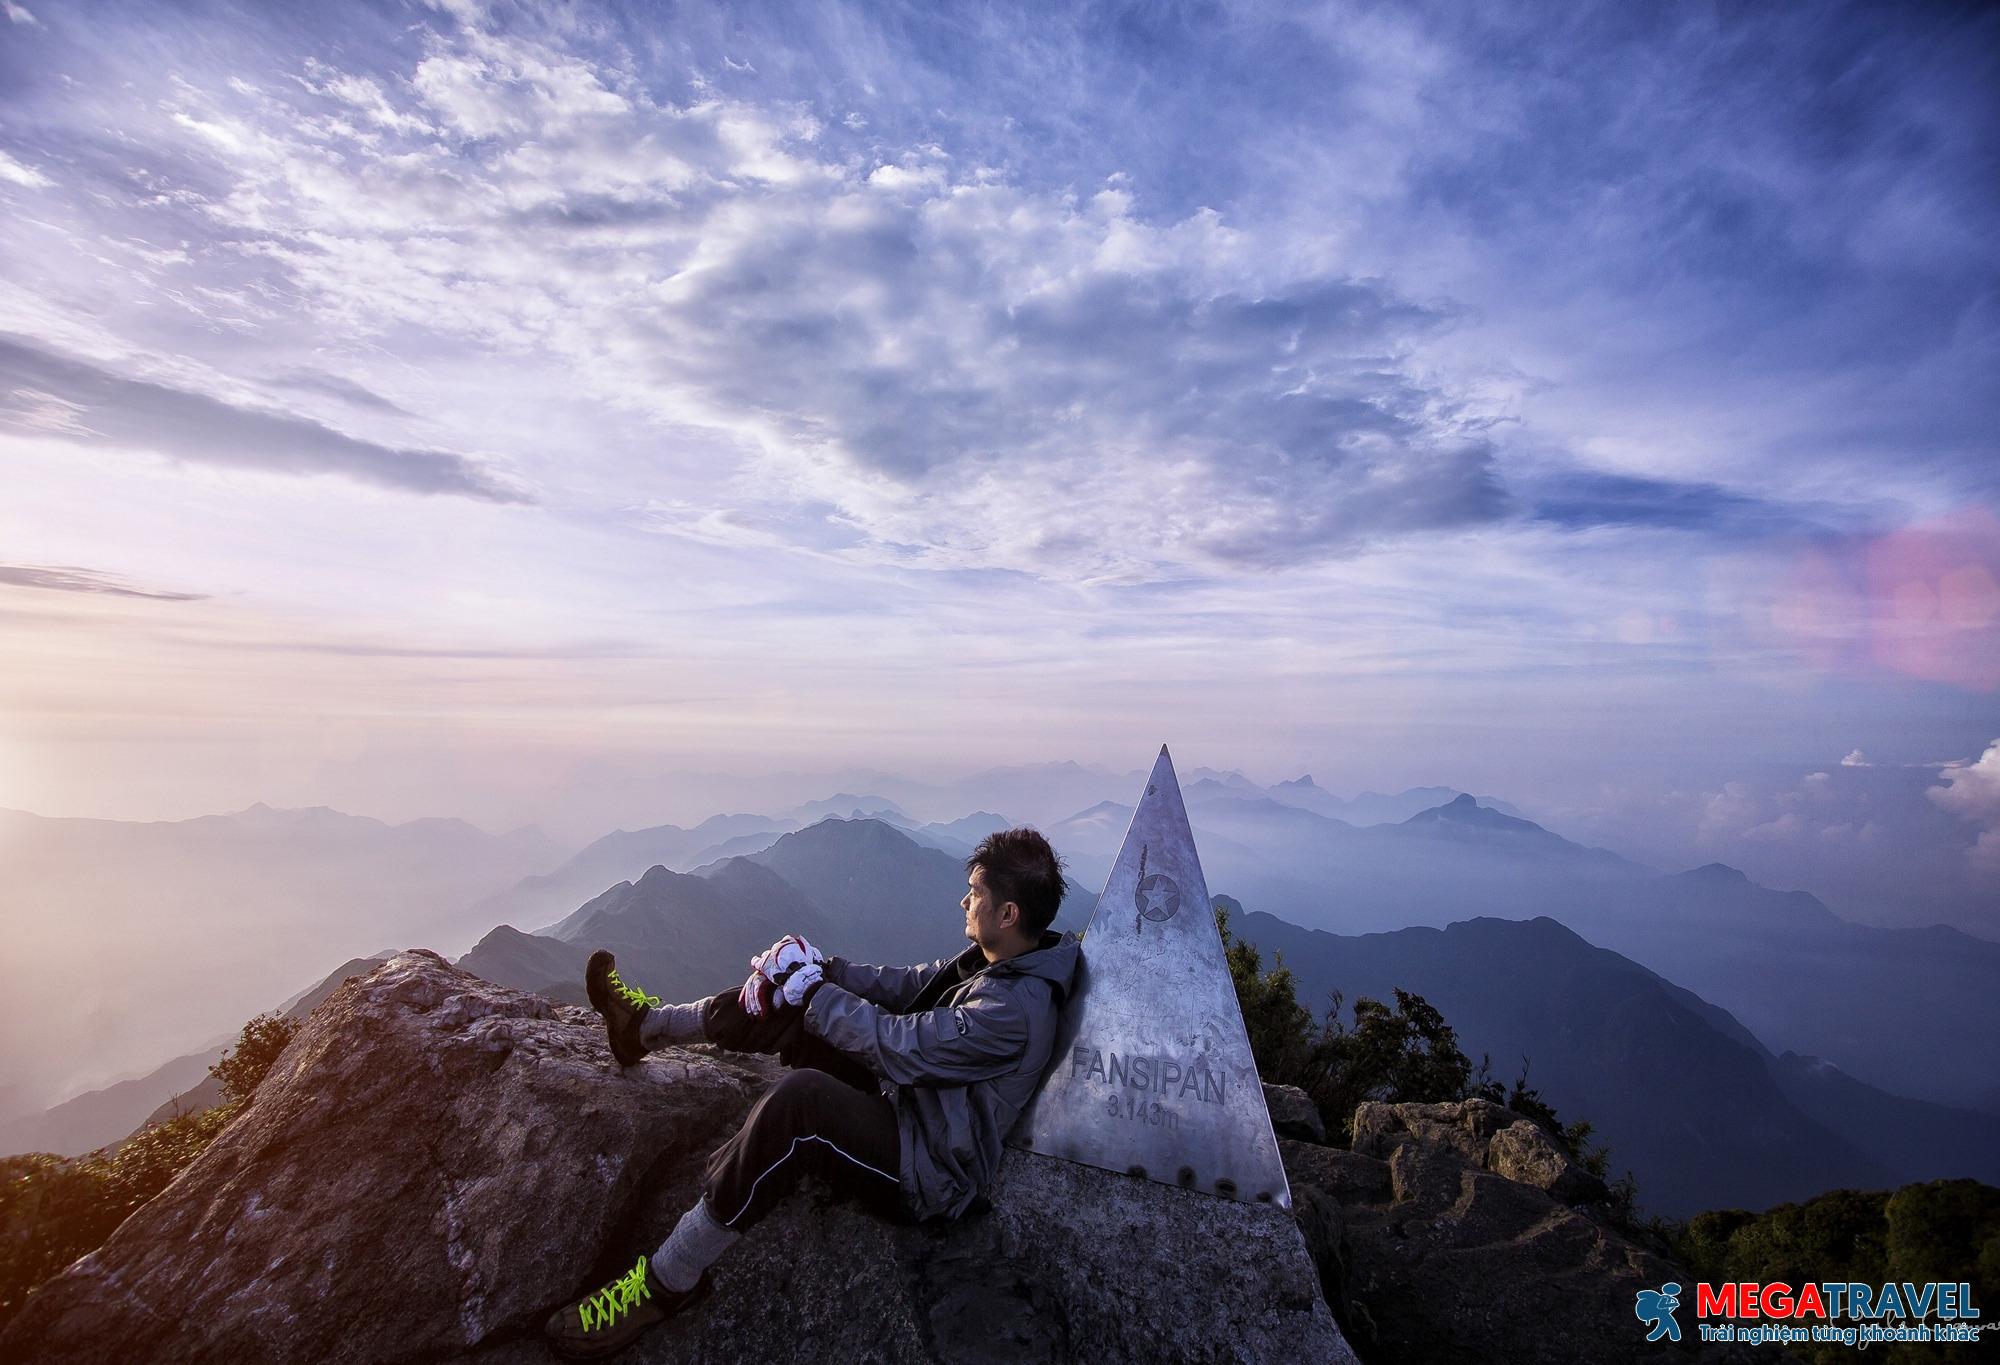 [Trekking] Tour trọn gói leo Fansipan 2 ngày 1 đêm mới nhất